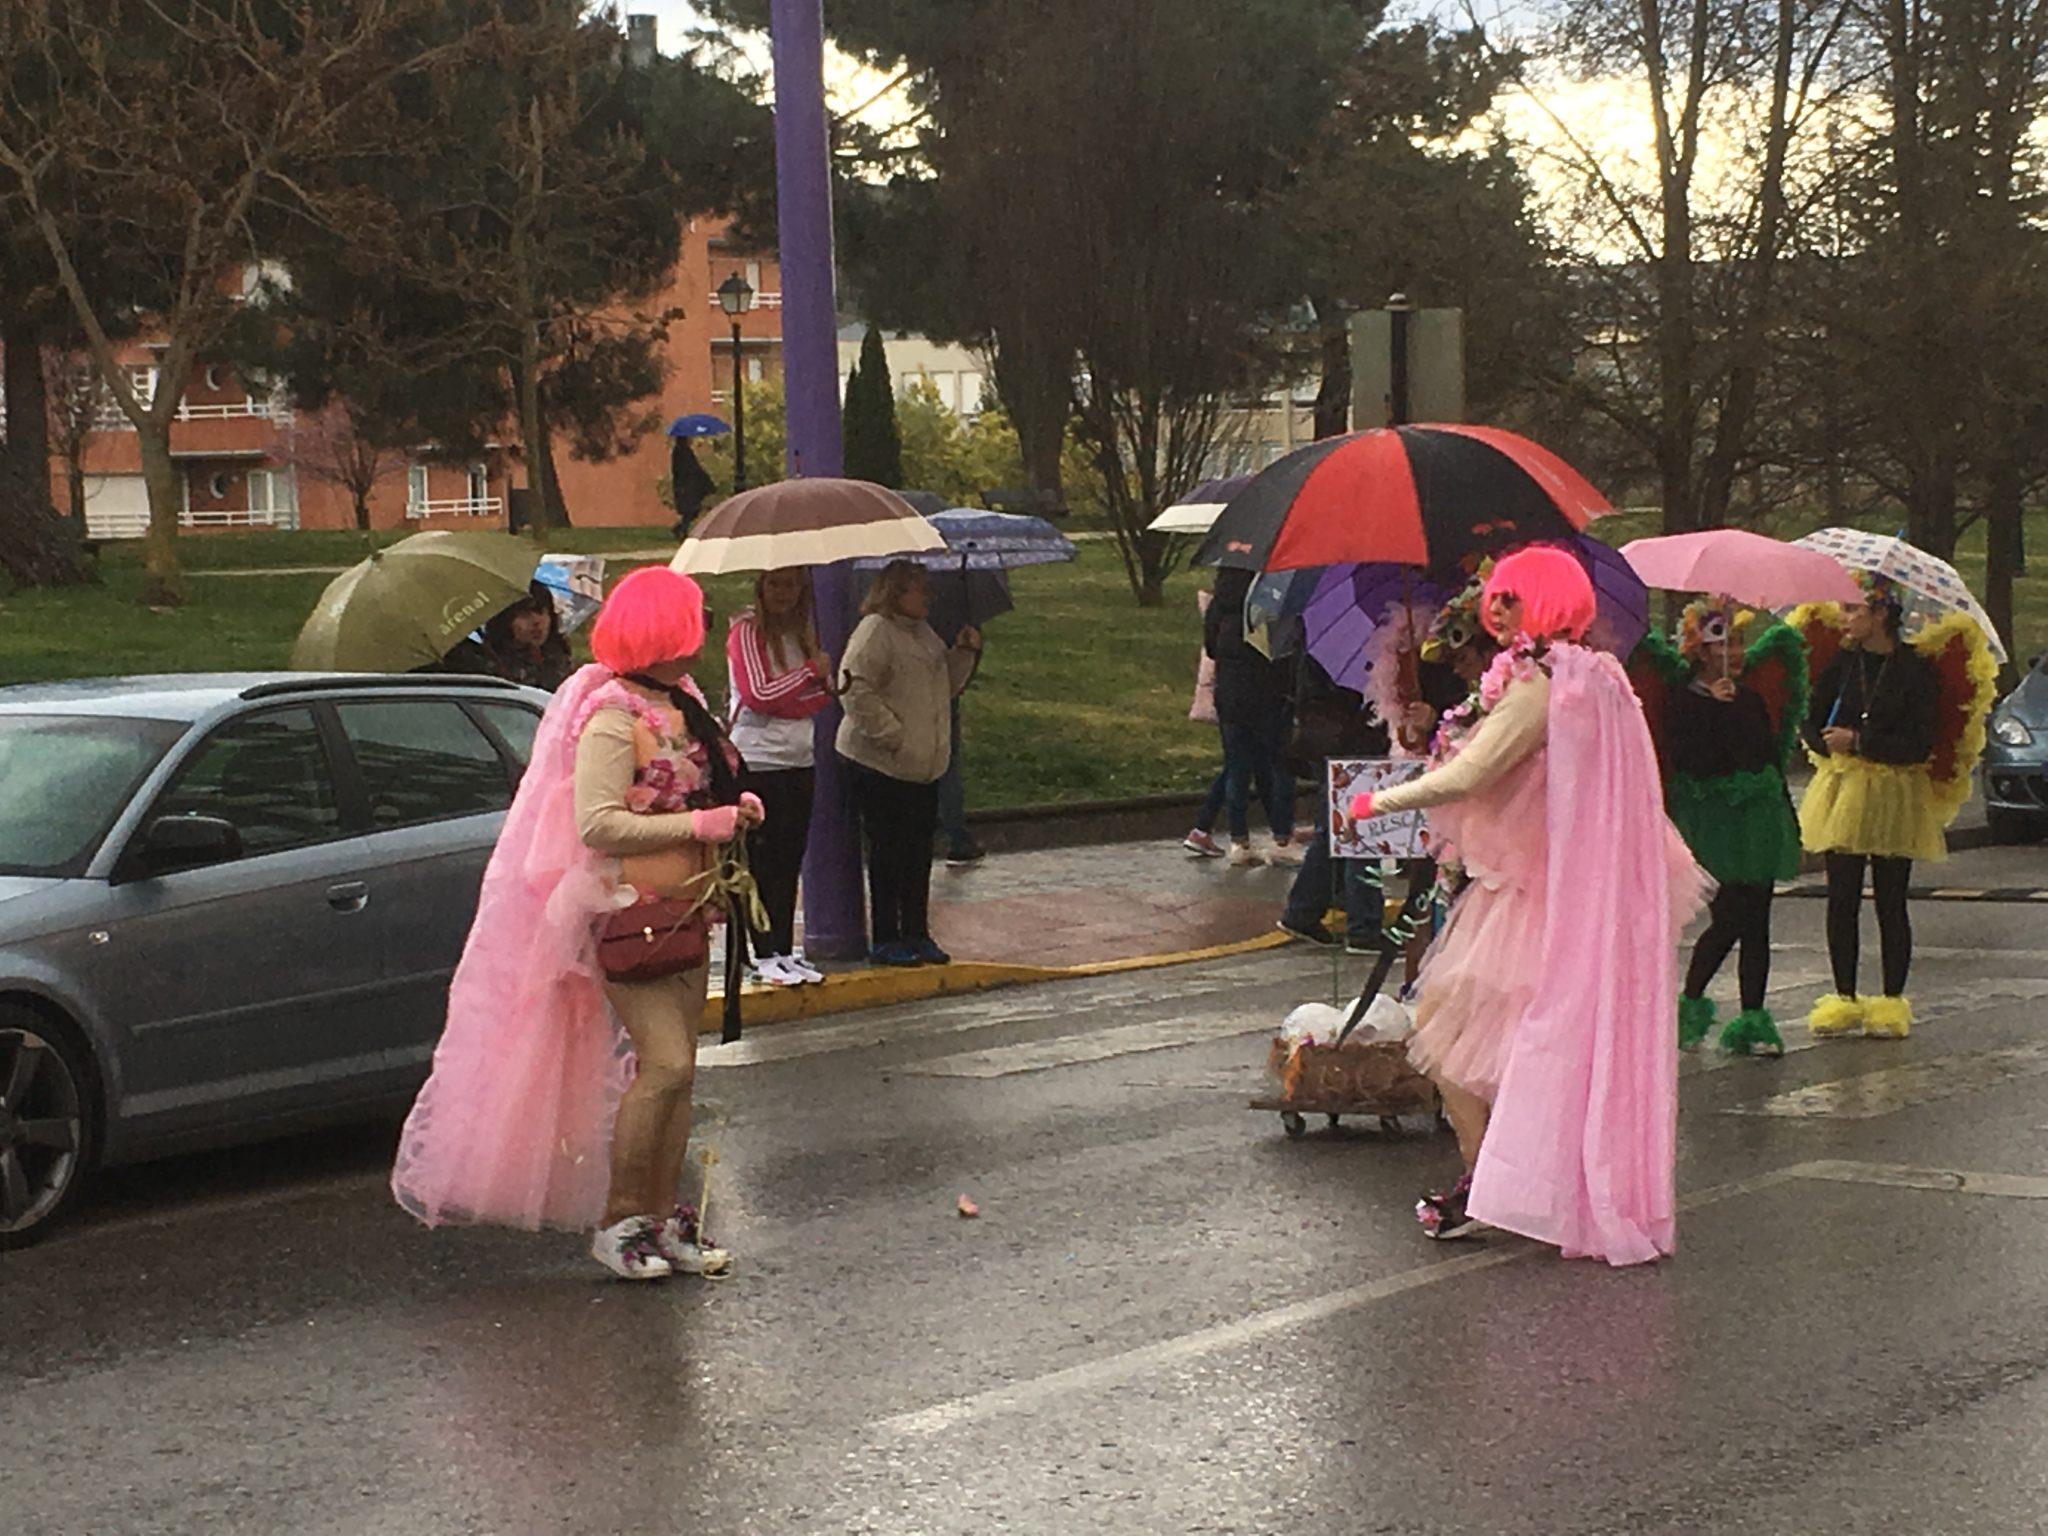 Álbum de fotos del martes de Carnaval 2019 en Ponferrada 67